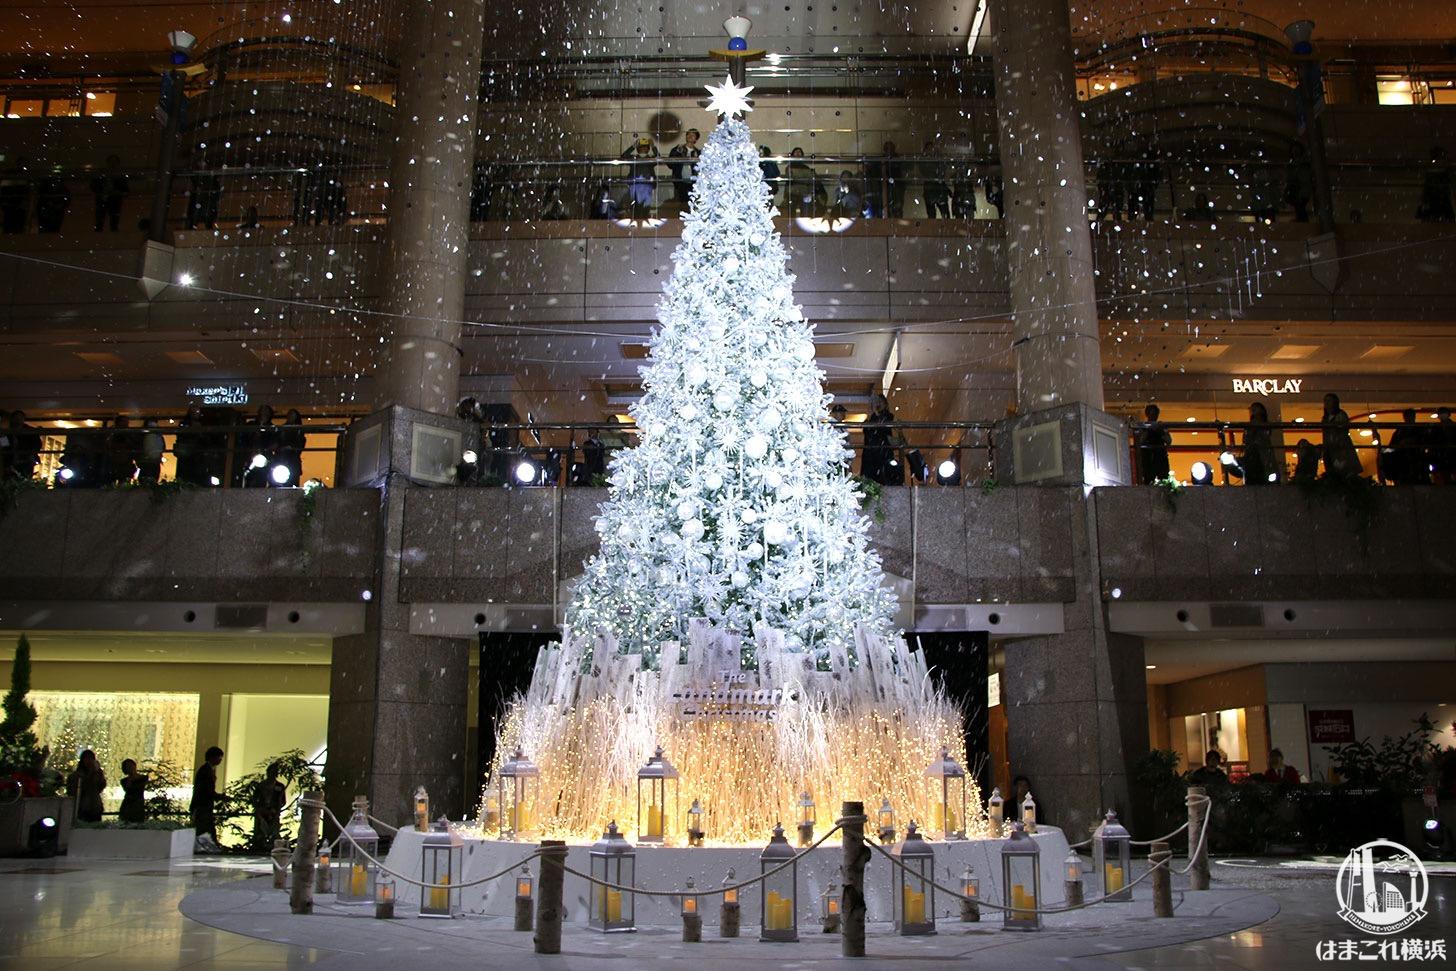 横浜ランドマークタワー クリスマスツリー